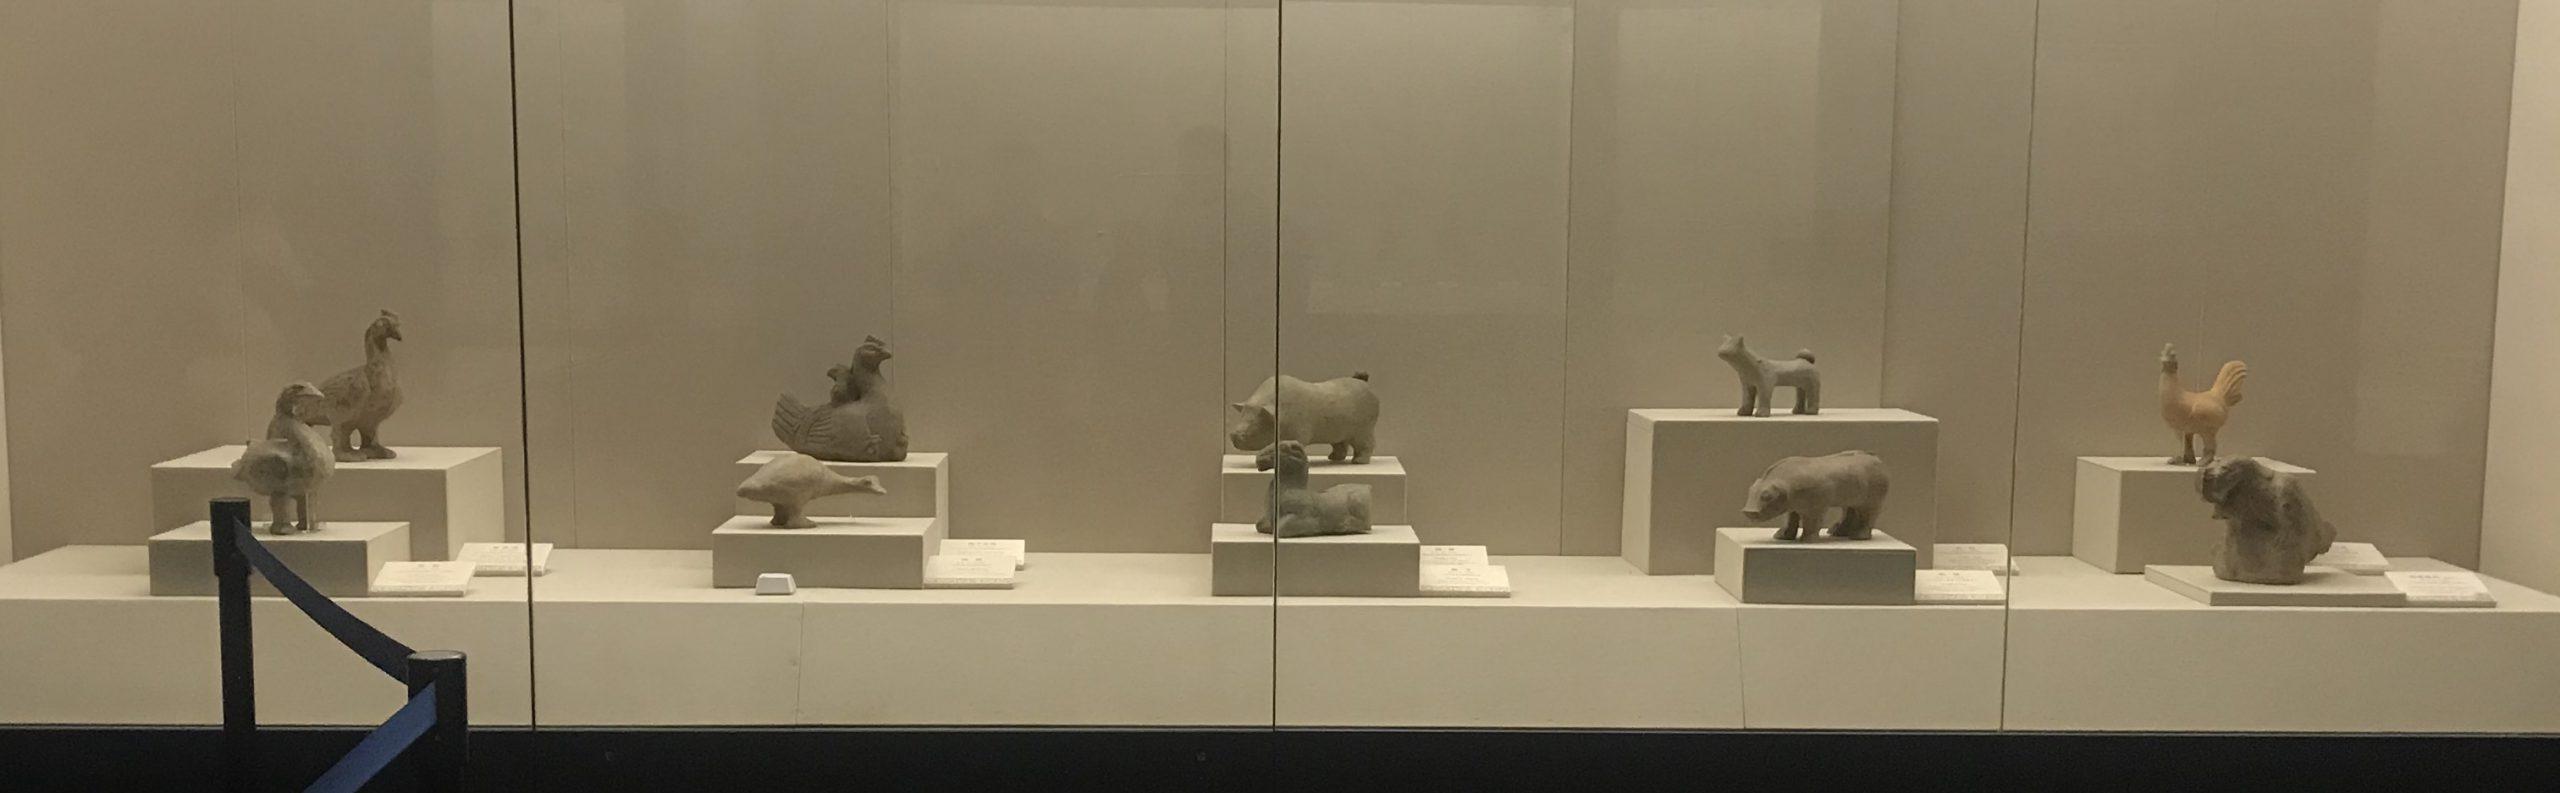 陶アヒル-東漢-成都市羊子山漢墓出土-四川漢代陶石芸術館-四川博物院-成都